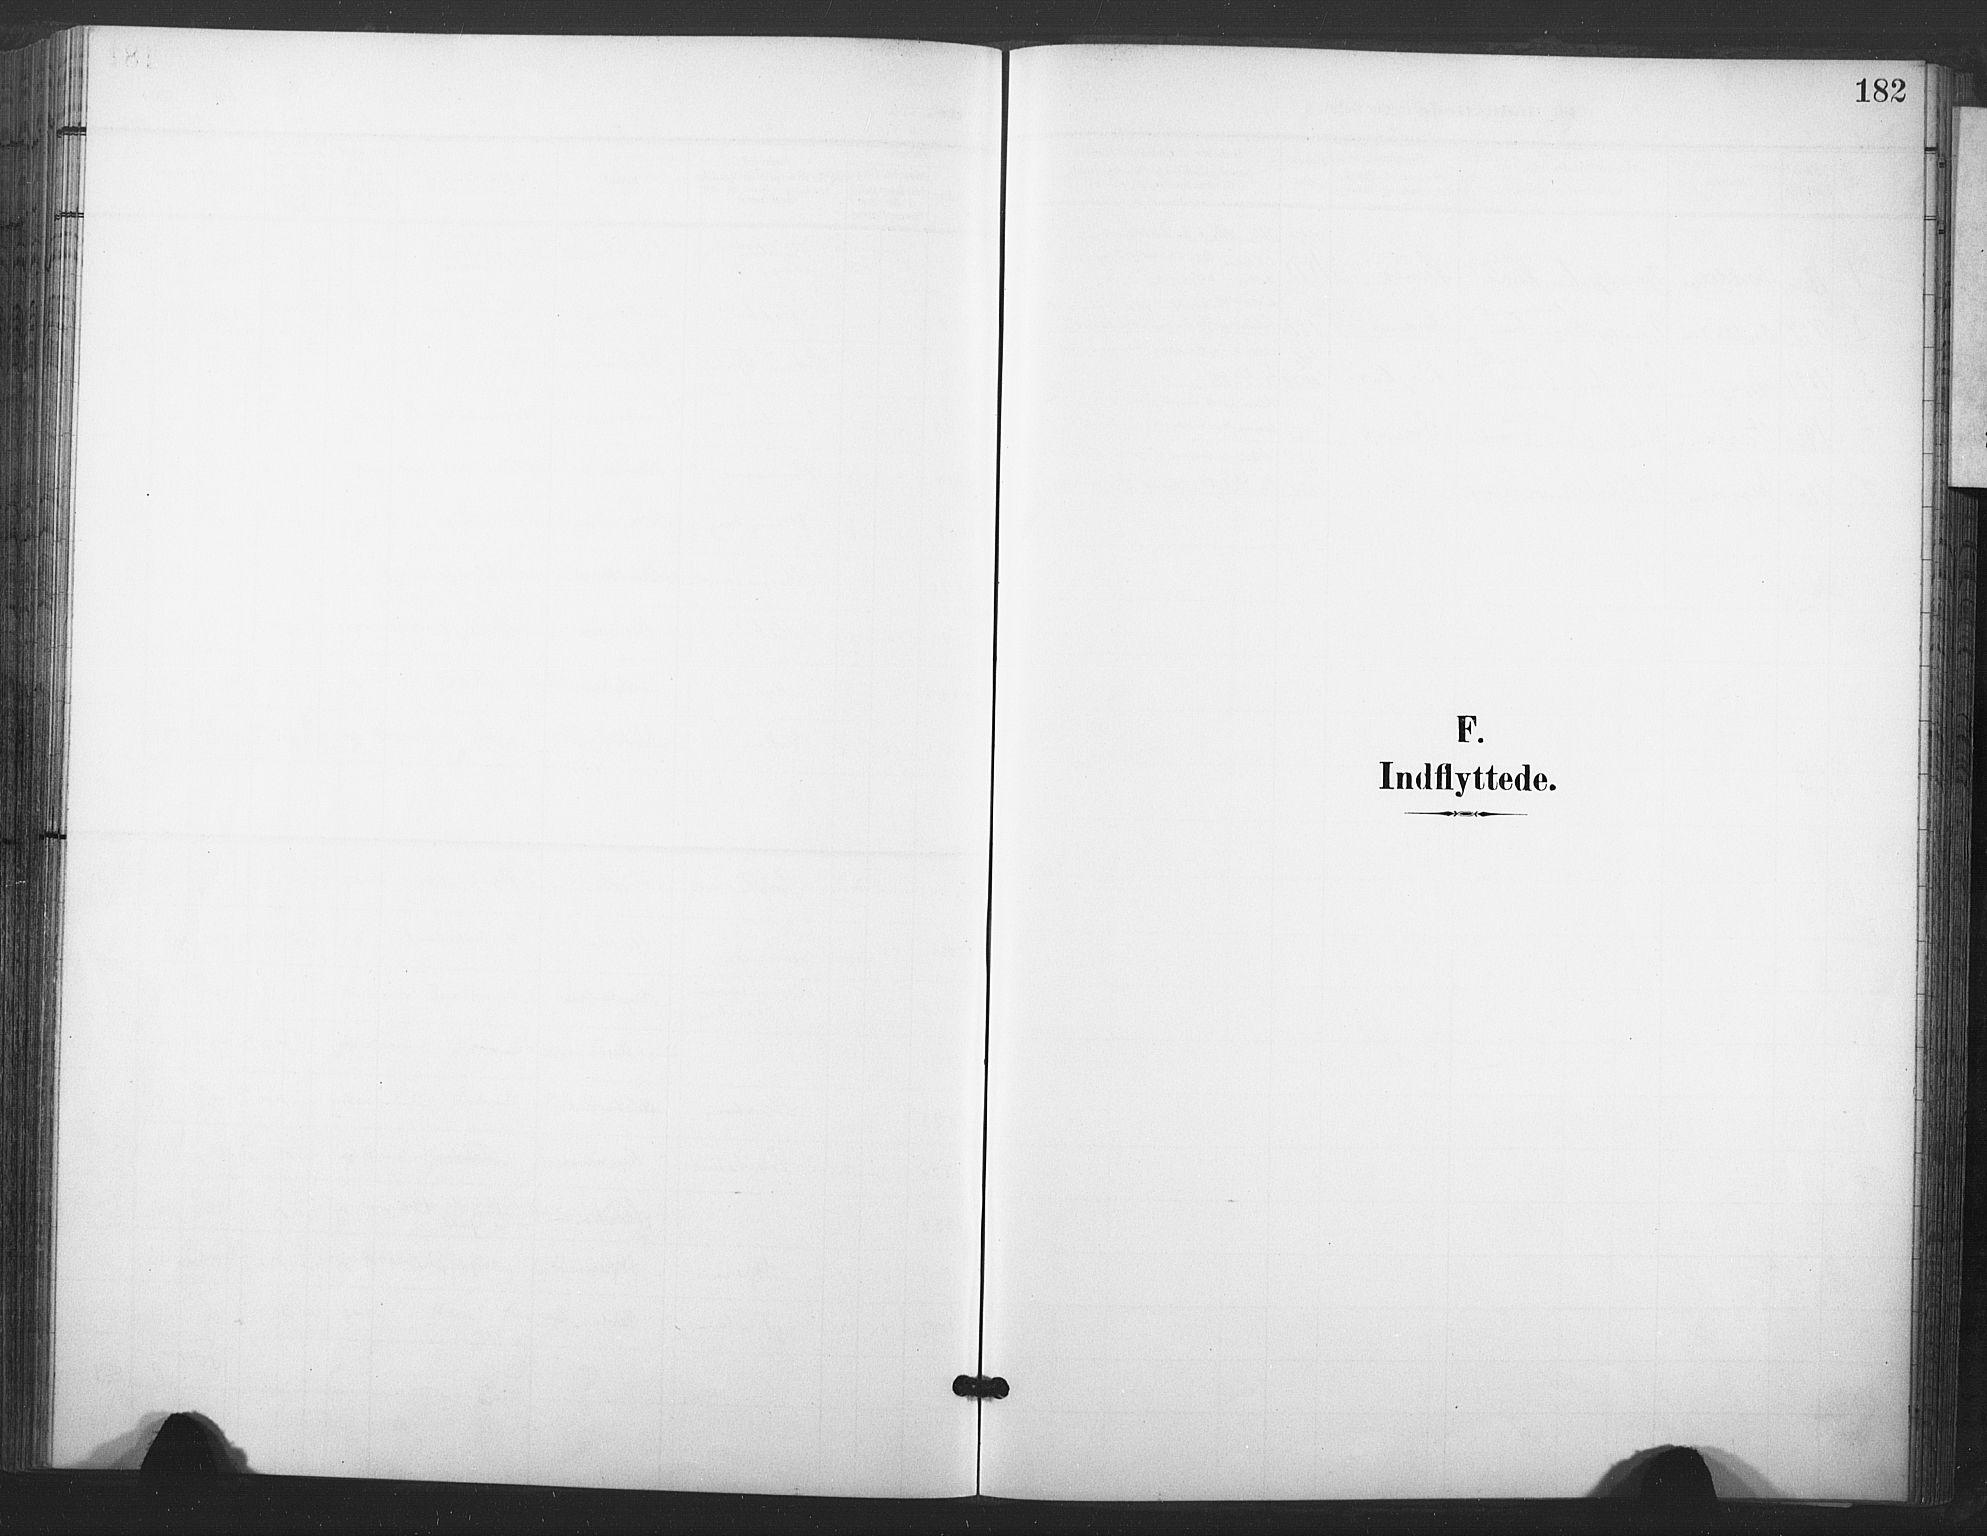 SAT, Ministerialprotokoller, klokkerbøker og fødselsregistre - Nord-Trøndelag, 713/L0122: Ministerialbok nr. 713A11, 1899-1910, s. 182